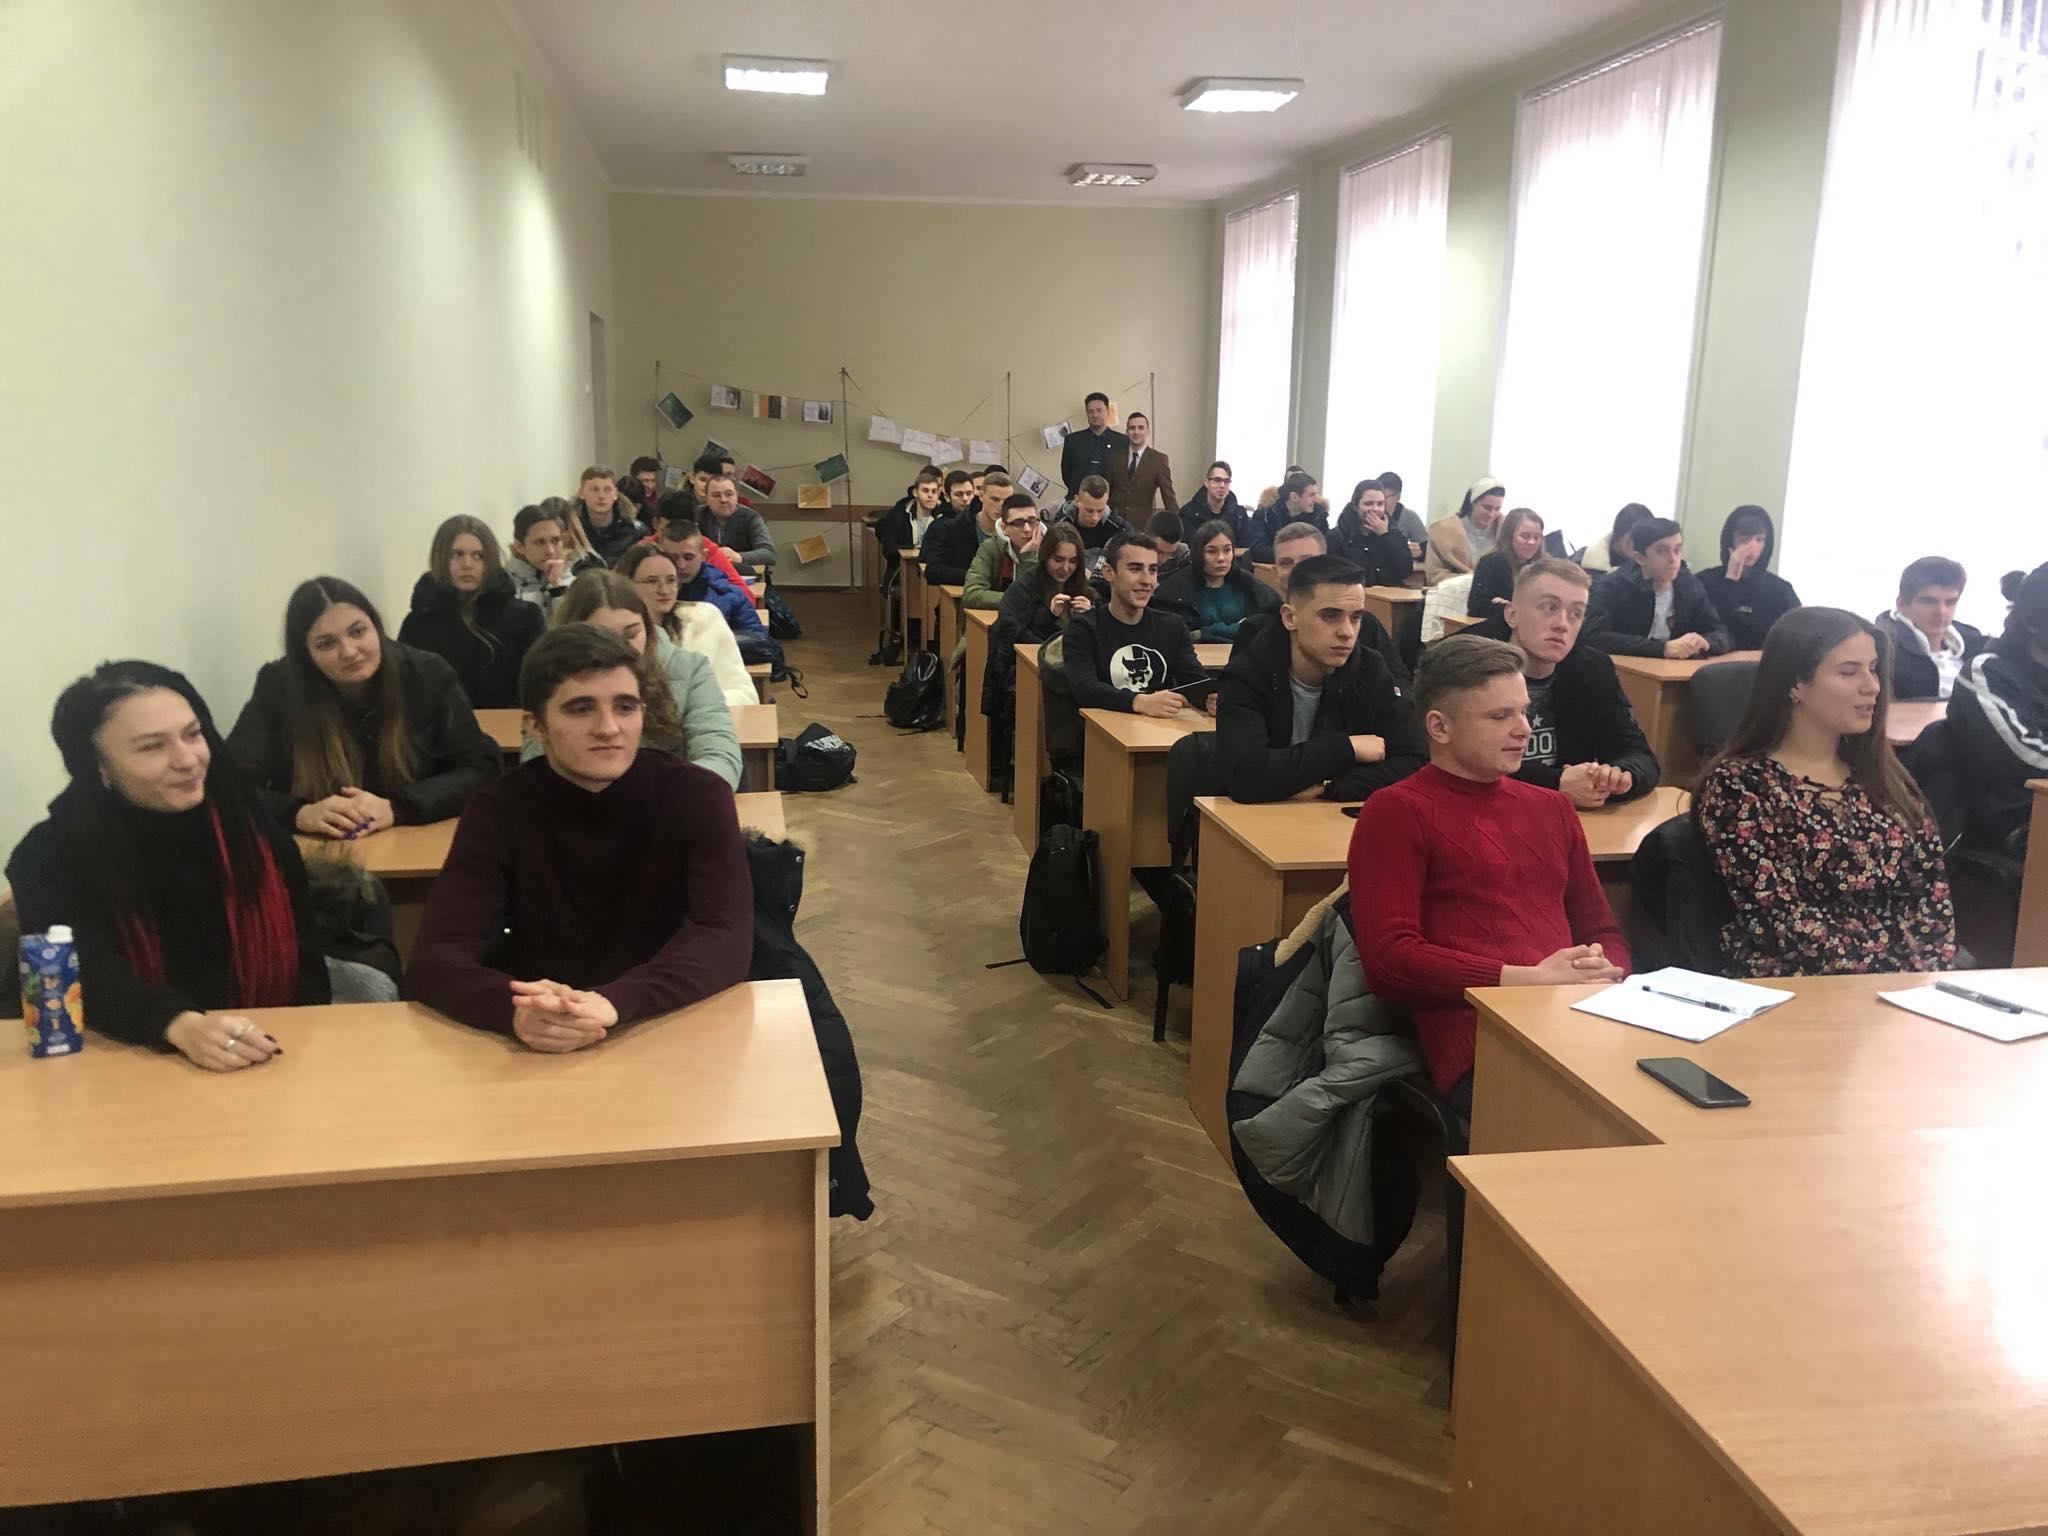 ІТ-фахівці долучилися до підготовки фахівців із кібербезпеки в Луцьку